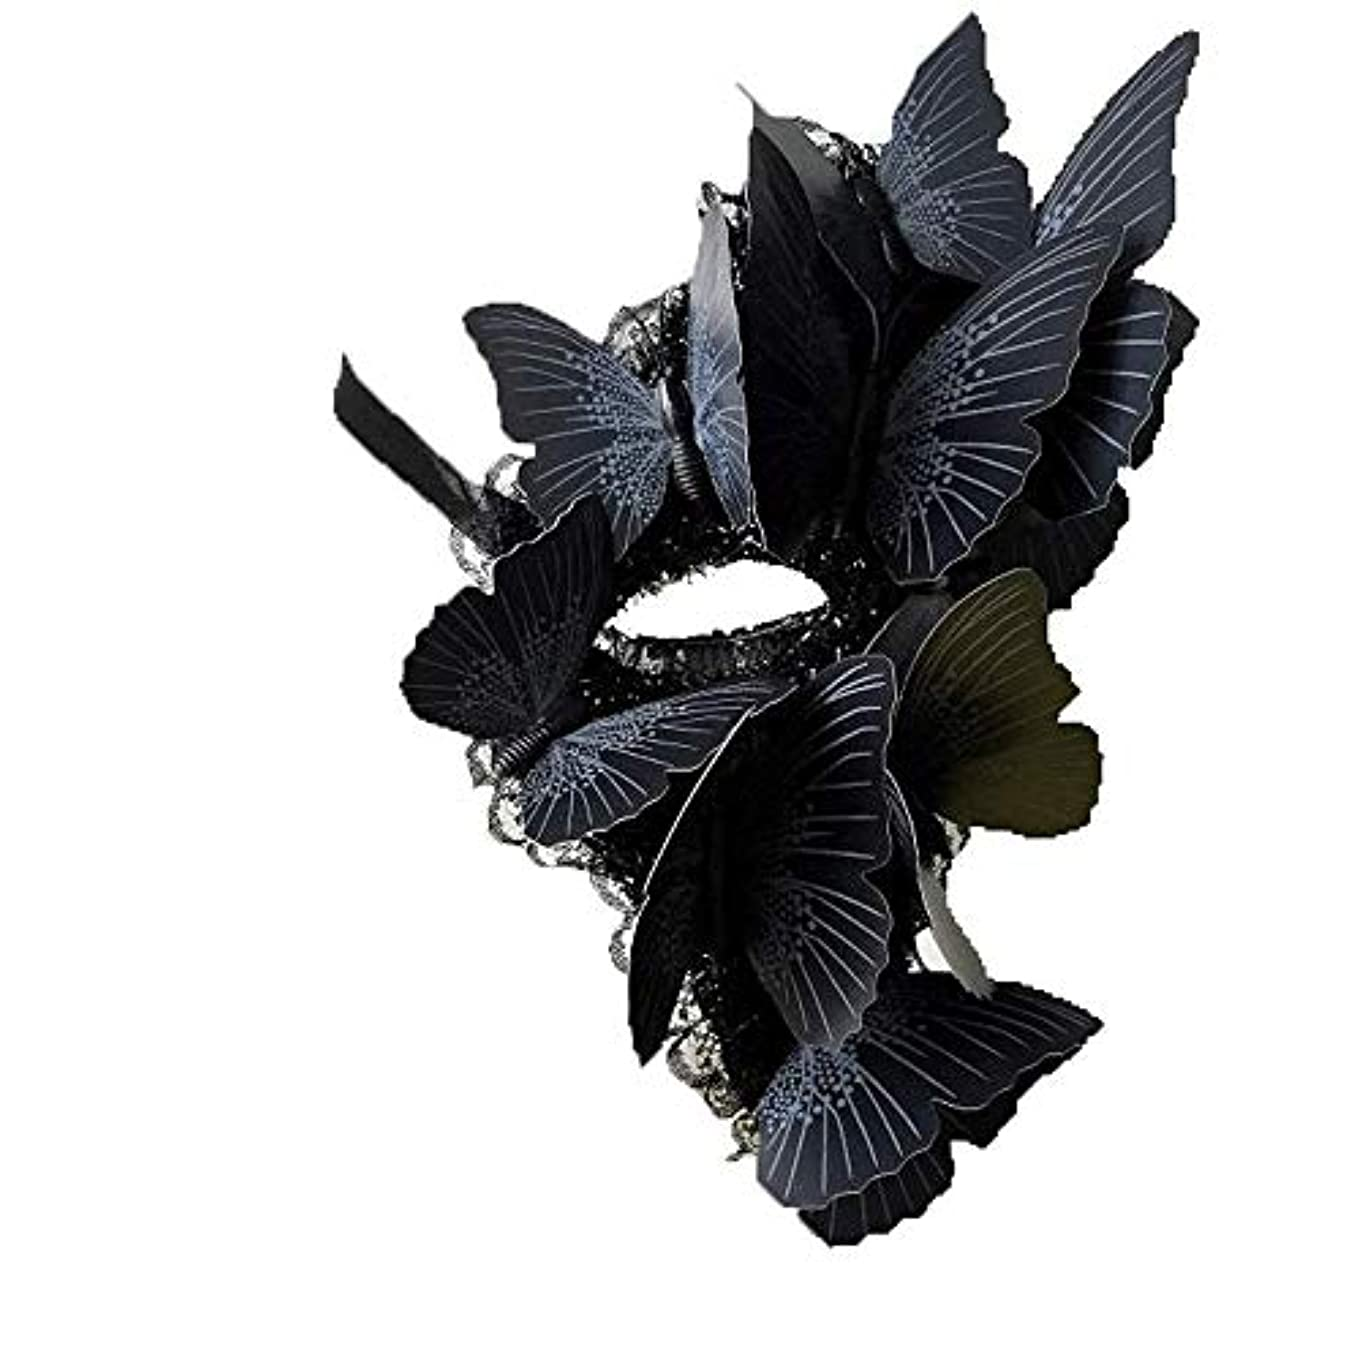 石油不機嫌鉛Nanle ハロウィーンの蝶単眼マスク仮装マスクレディミスプリンセス美しさの祭パーティ装飾 (色 : Style B, サイズ さいず : Right eye)